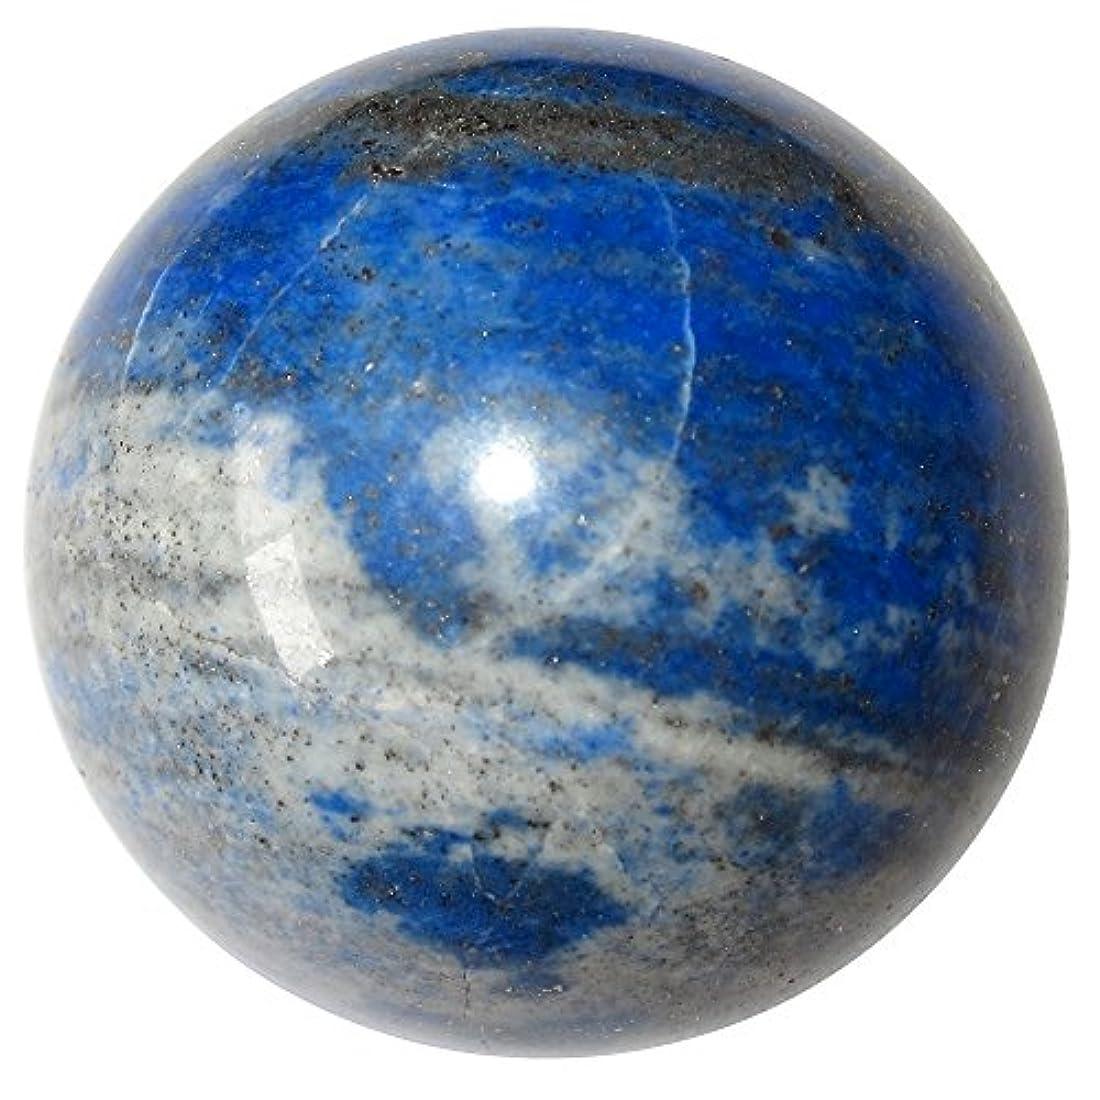 ブラウスクロールラジエーターサテンクリスタルLapisボールプレミアムブルーLazuli Third Eye Chakra直感的なHealing Precious Stone球p03 1.5 Inches ブルー lapisball03-afghanearth...